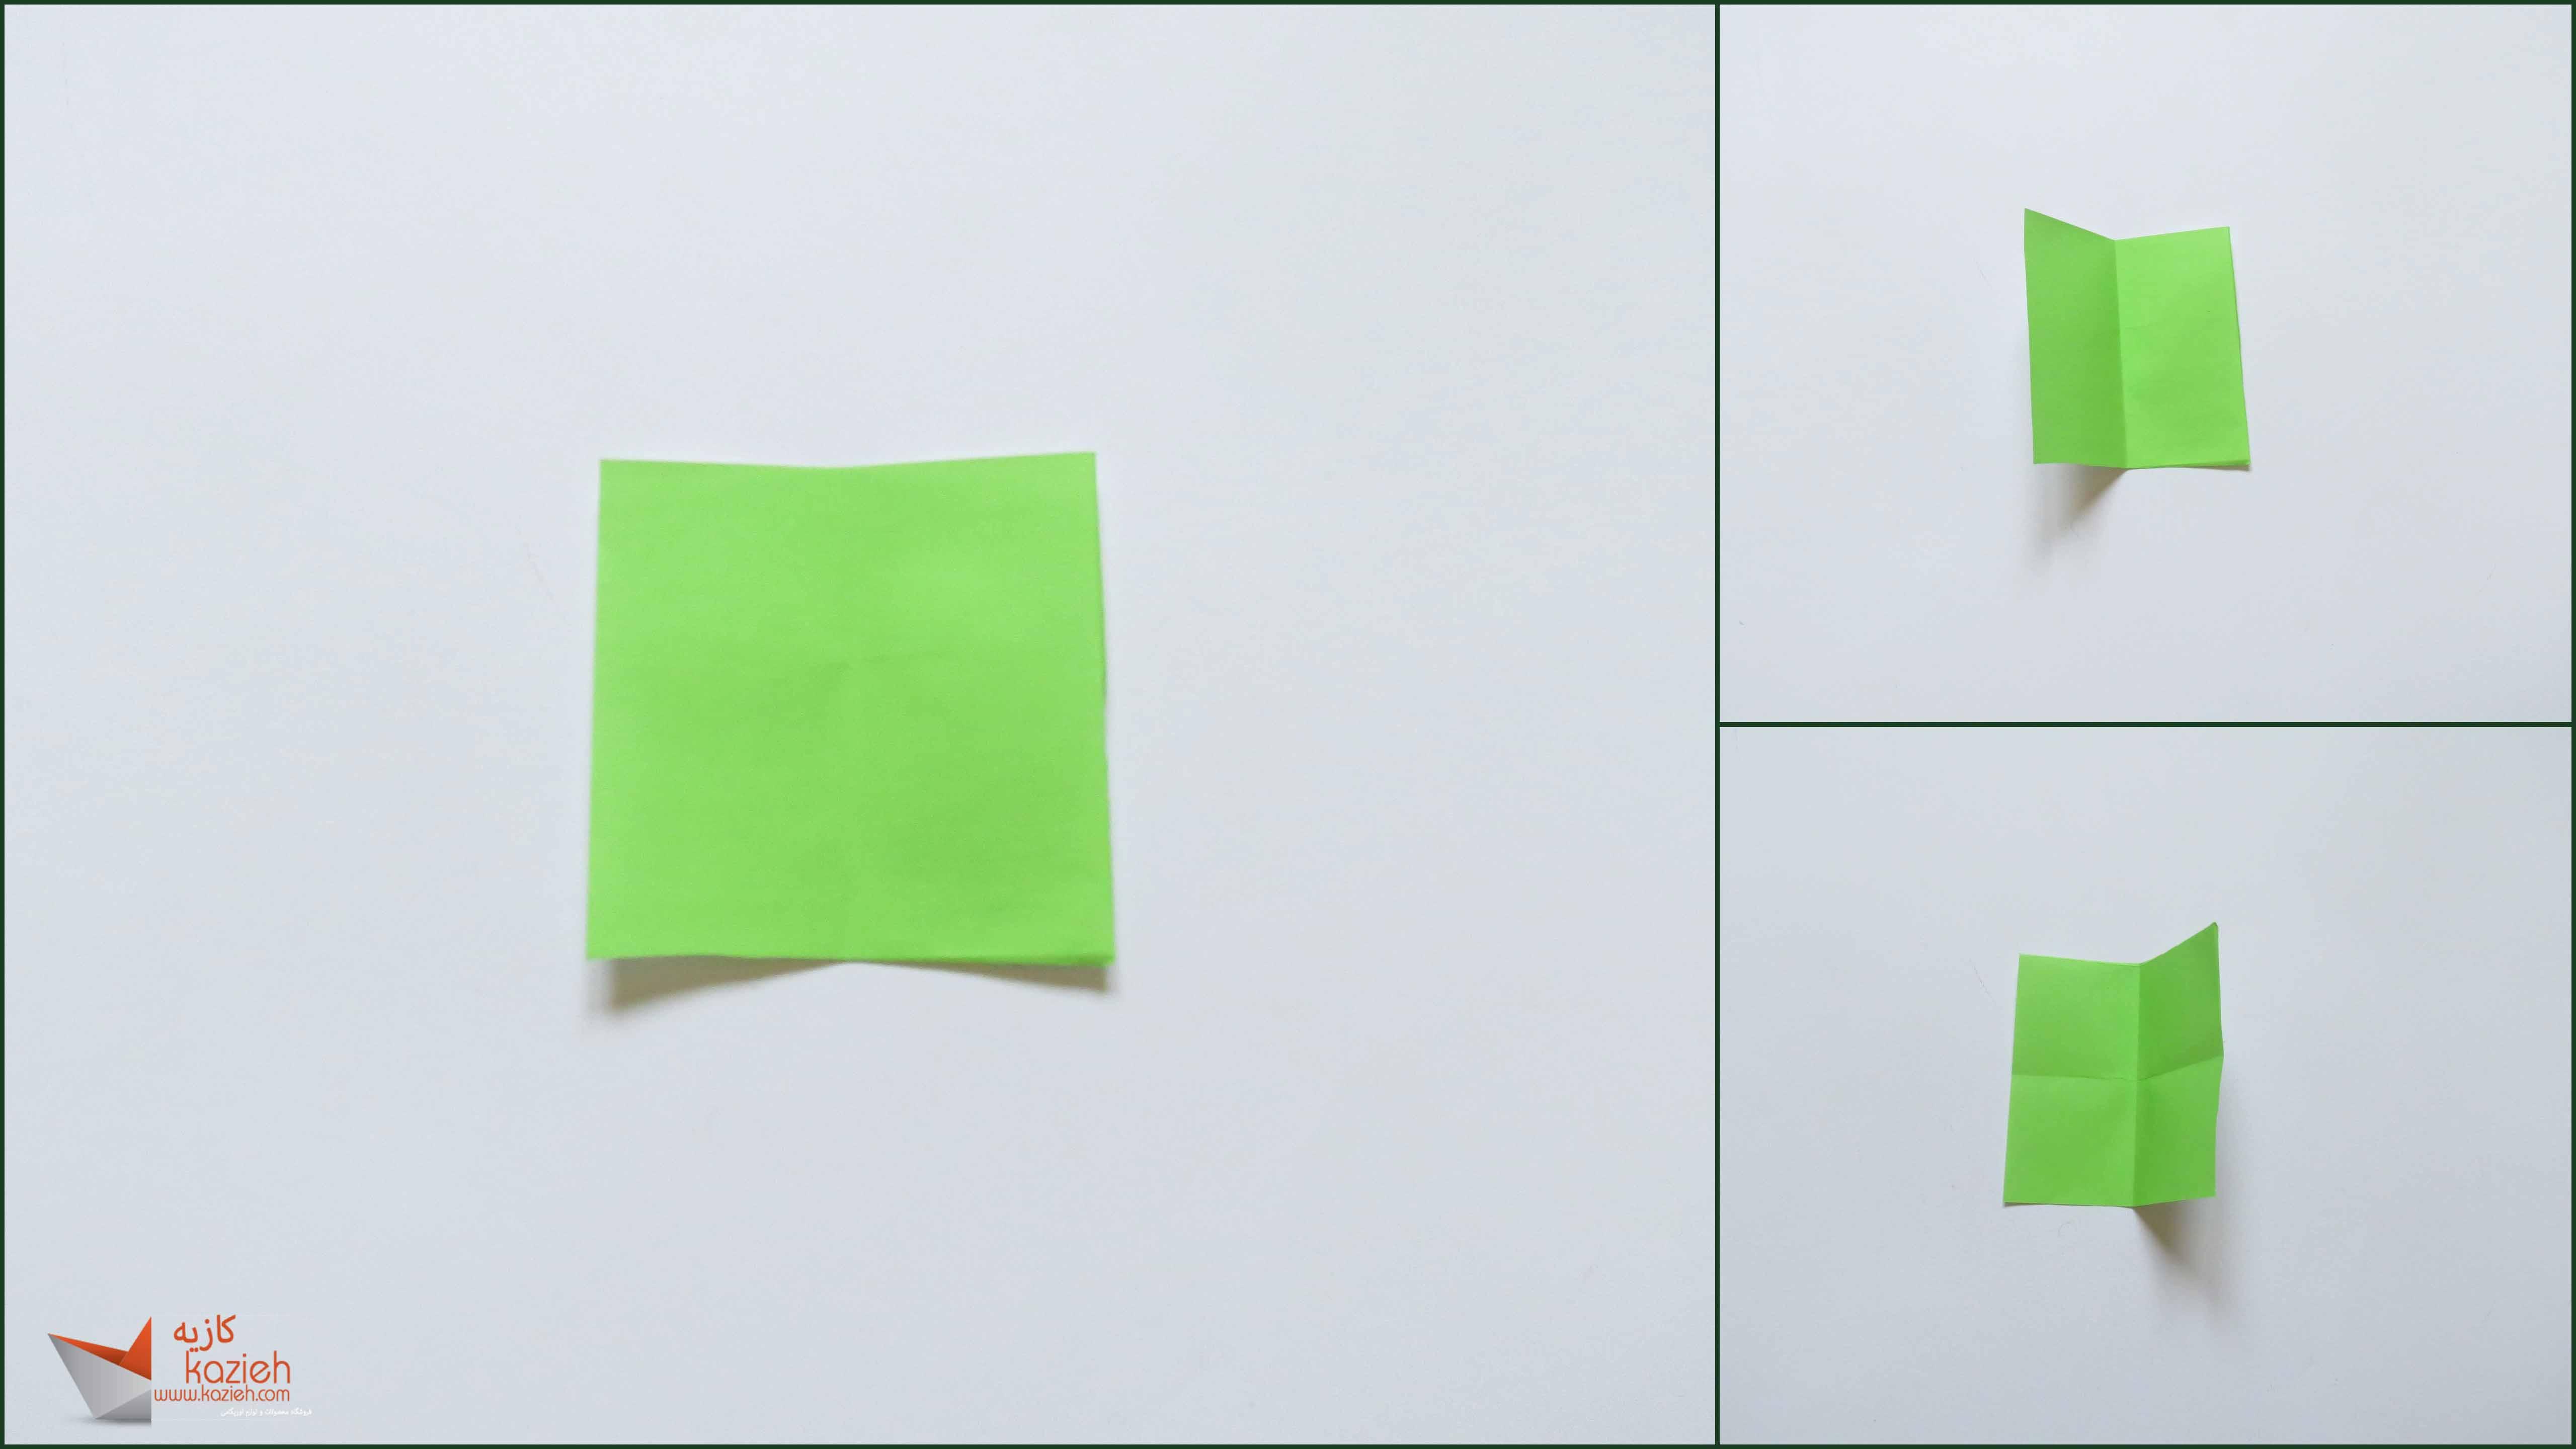 آموزش هشت وجهی اوریگامی مرحله ۱ - کازیه کاغذ و تا